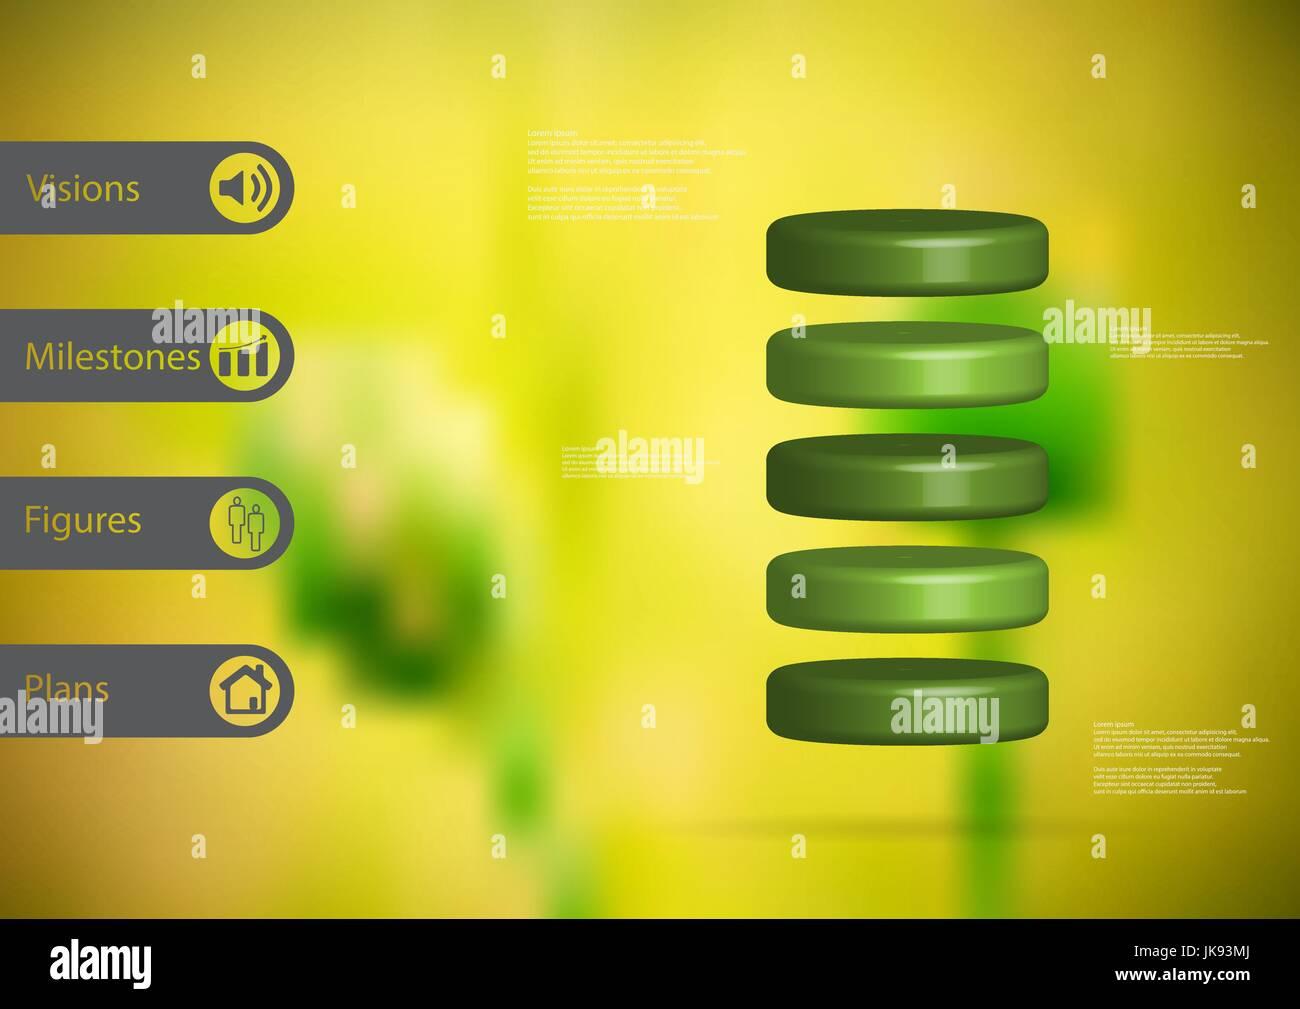 3D Illustration Infografik Vorlage mit dem Motiv des Zylinders horizontal aufgeteilt auf fünf grüne Scheiben Stockbild